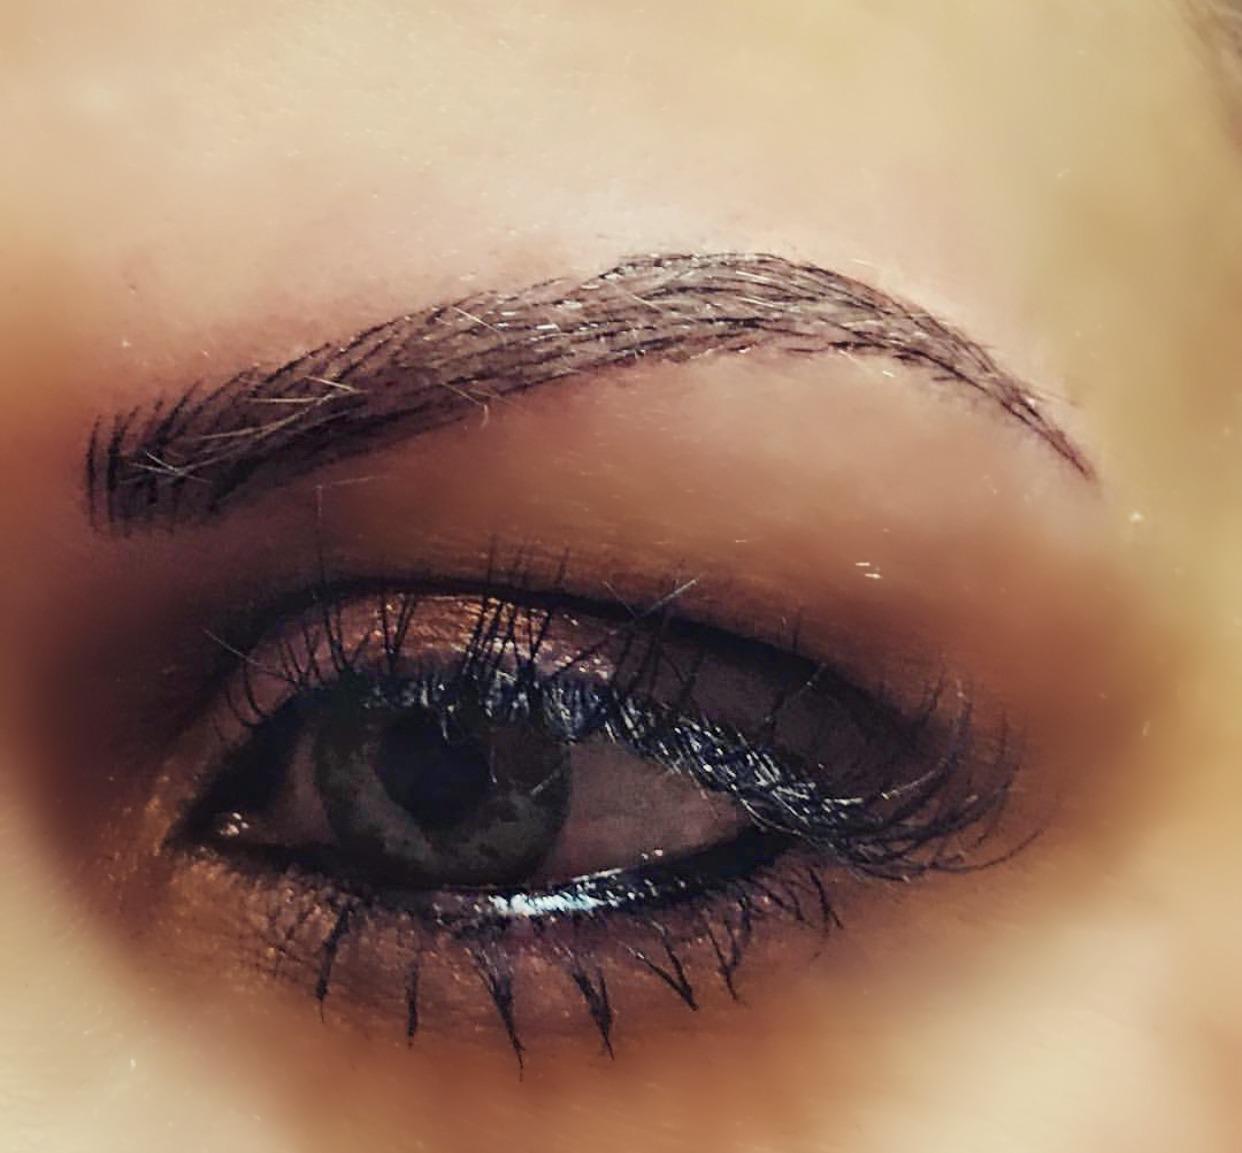 Picd brow 2.jpg